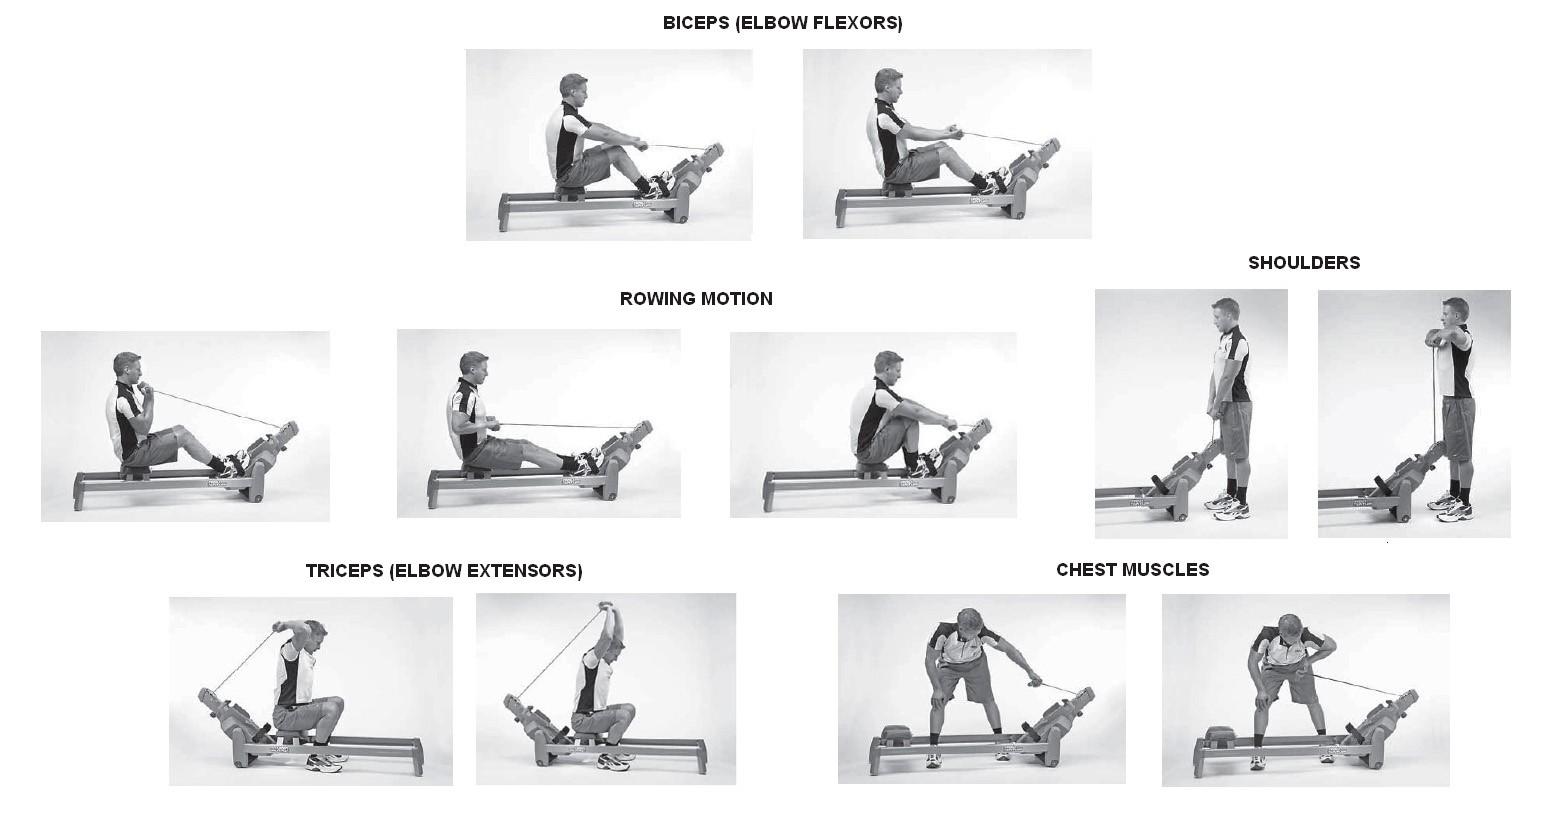 Гребной тренажер - какие мышцы работают (видео, цена, где купить)